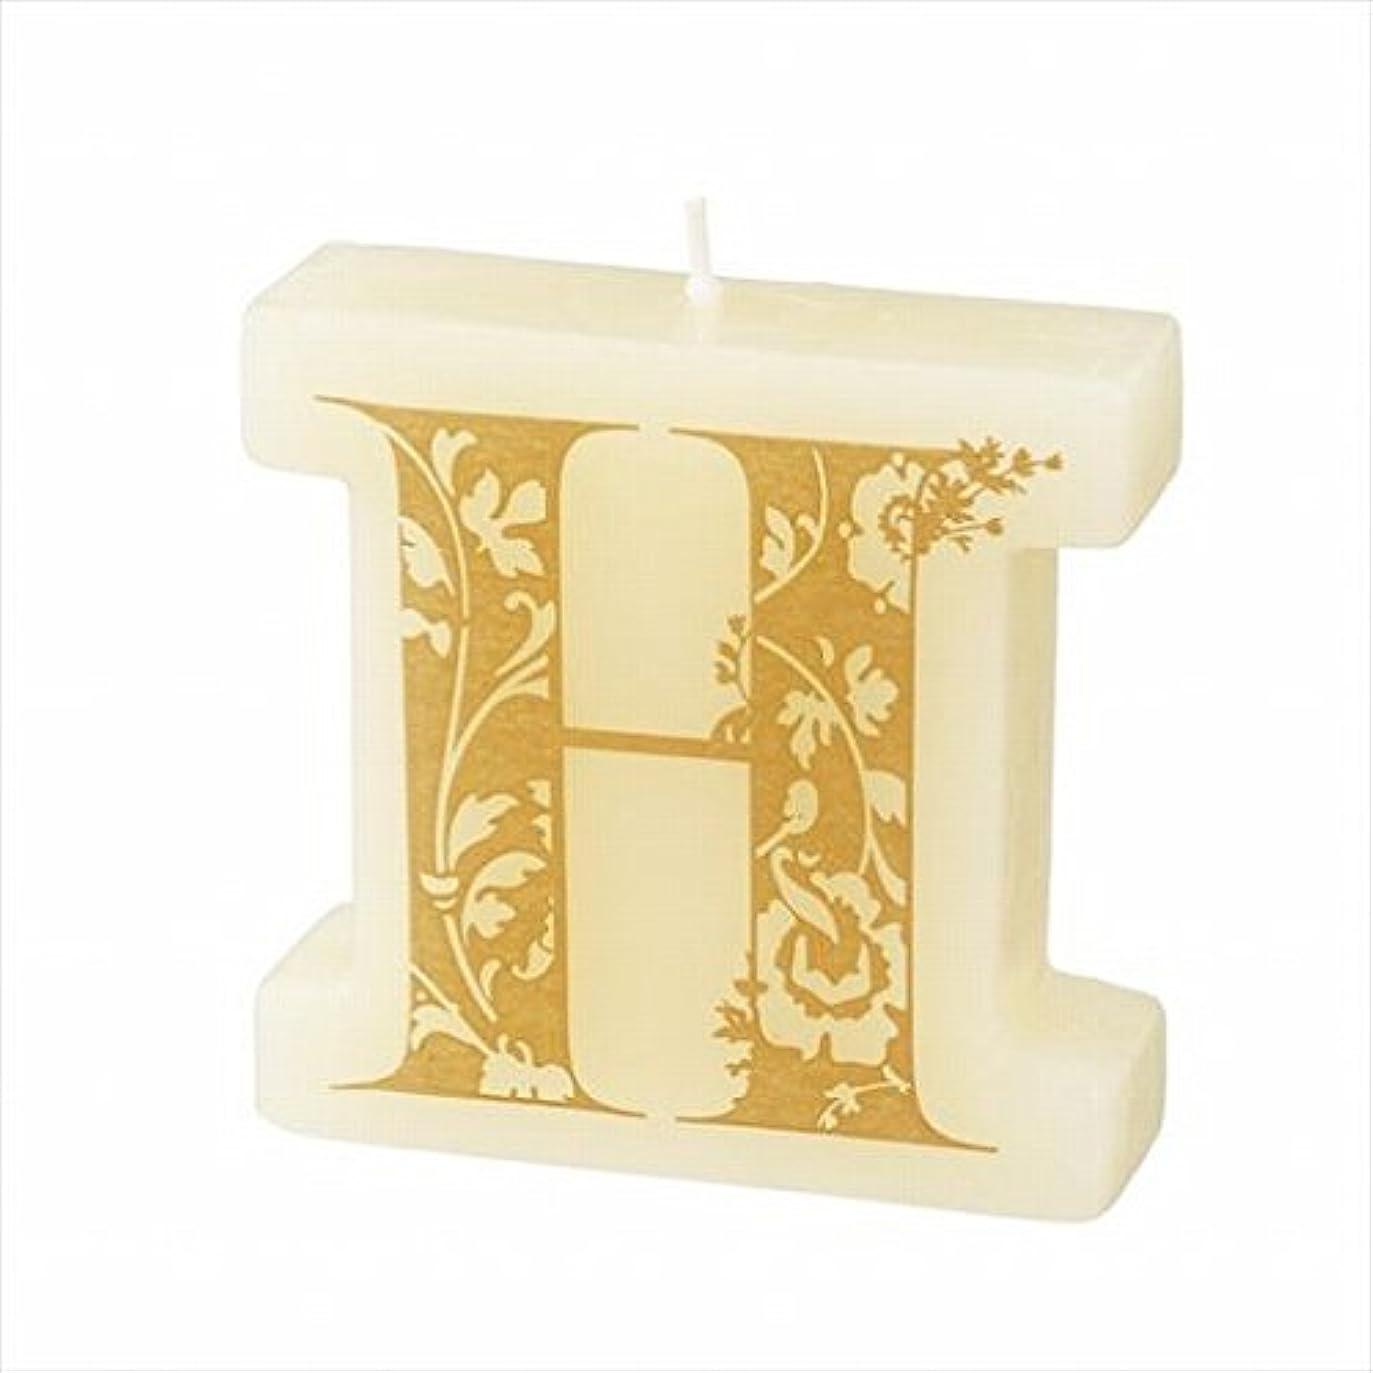 評論家釈義間違えたカメヤマキャンドル(kameyama candle) イニシャルキャンドル 「 H 」